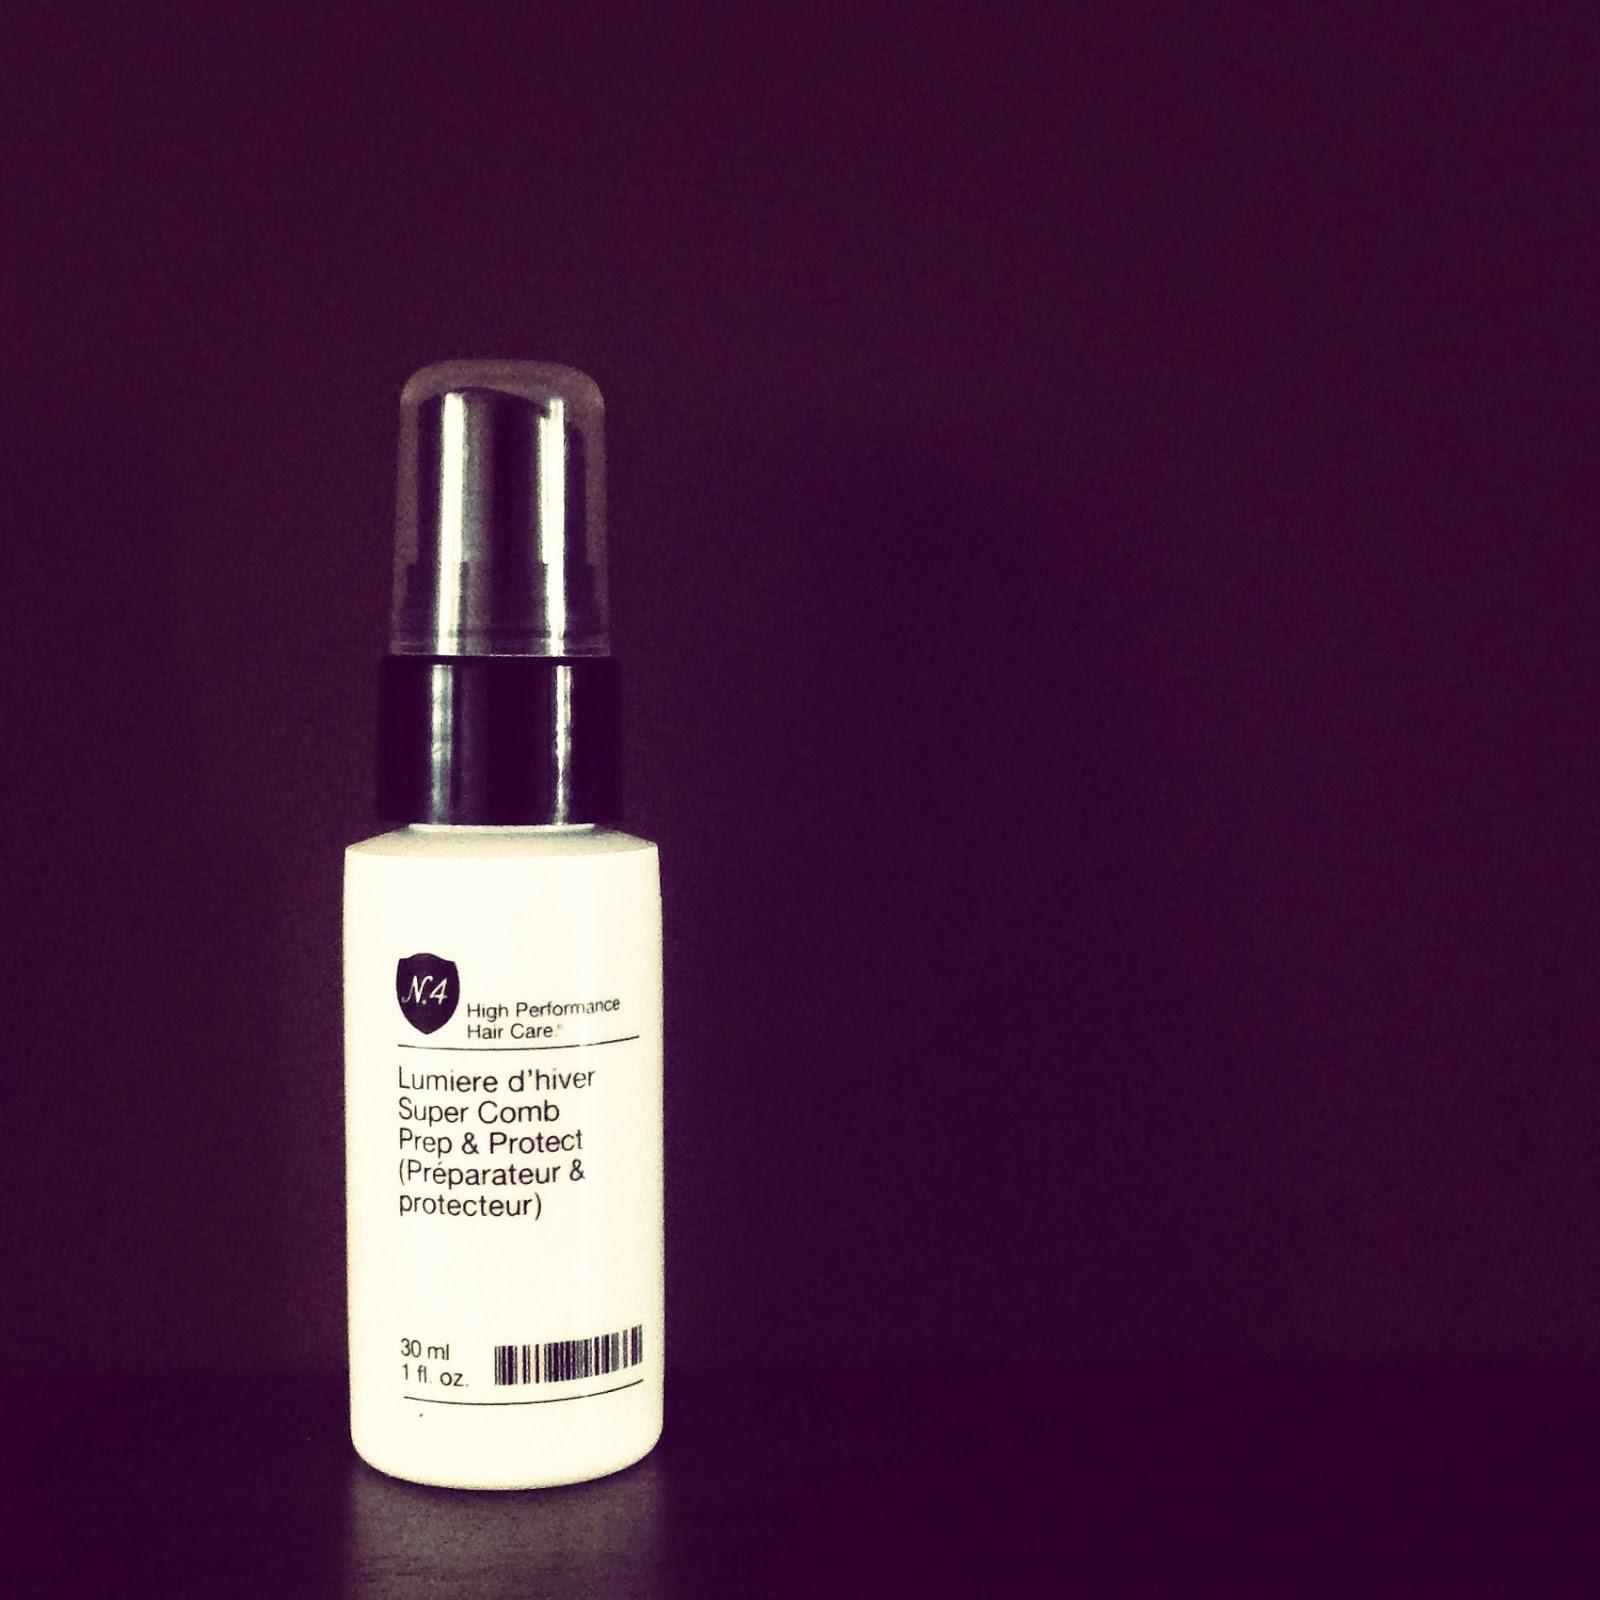 Spray Protector de Number 4. ¡Para darle cuerpo al cabello!